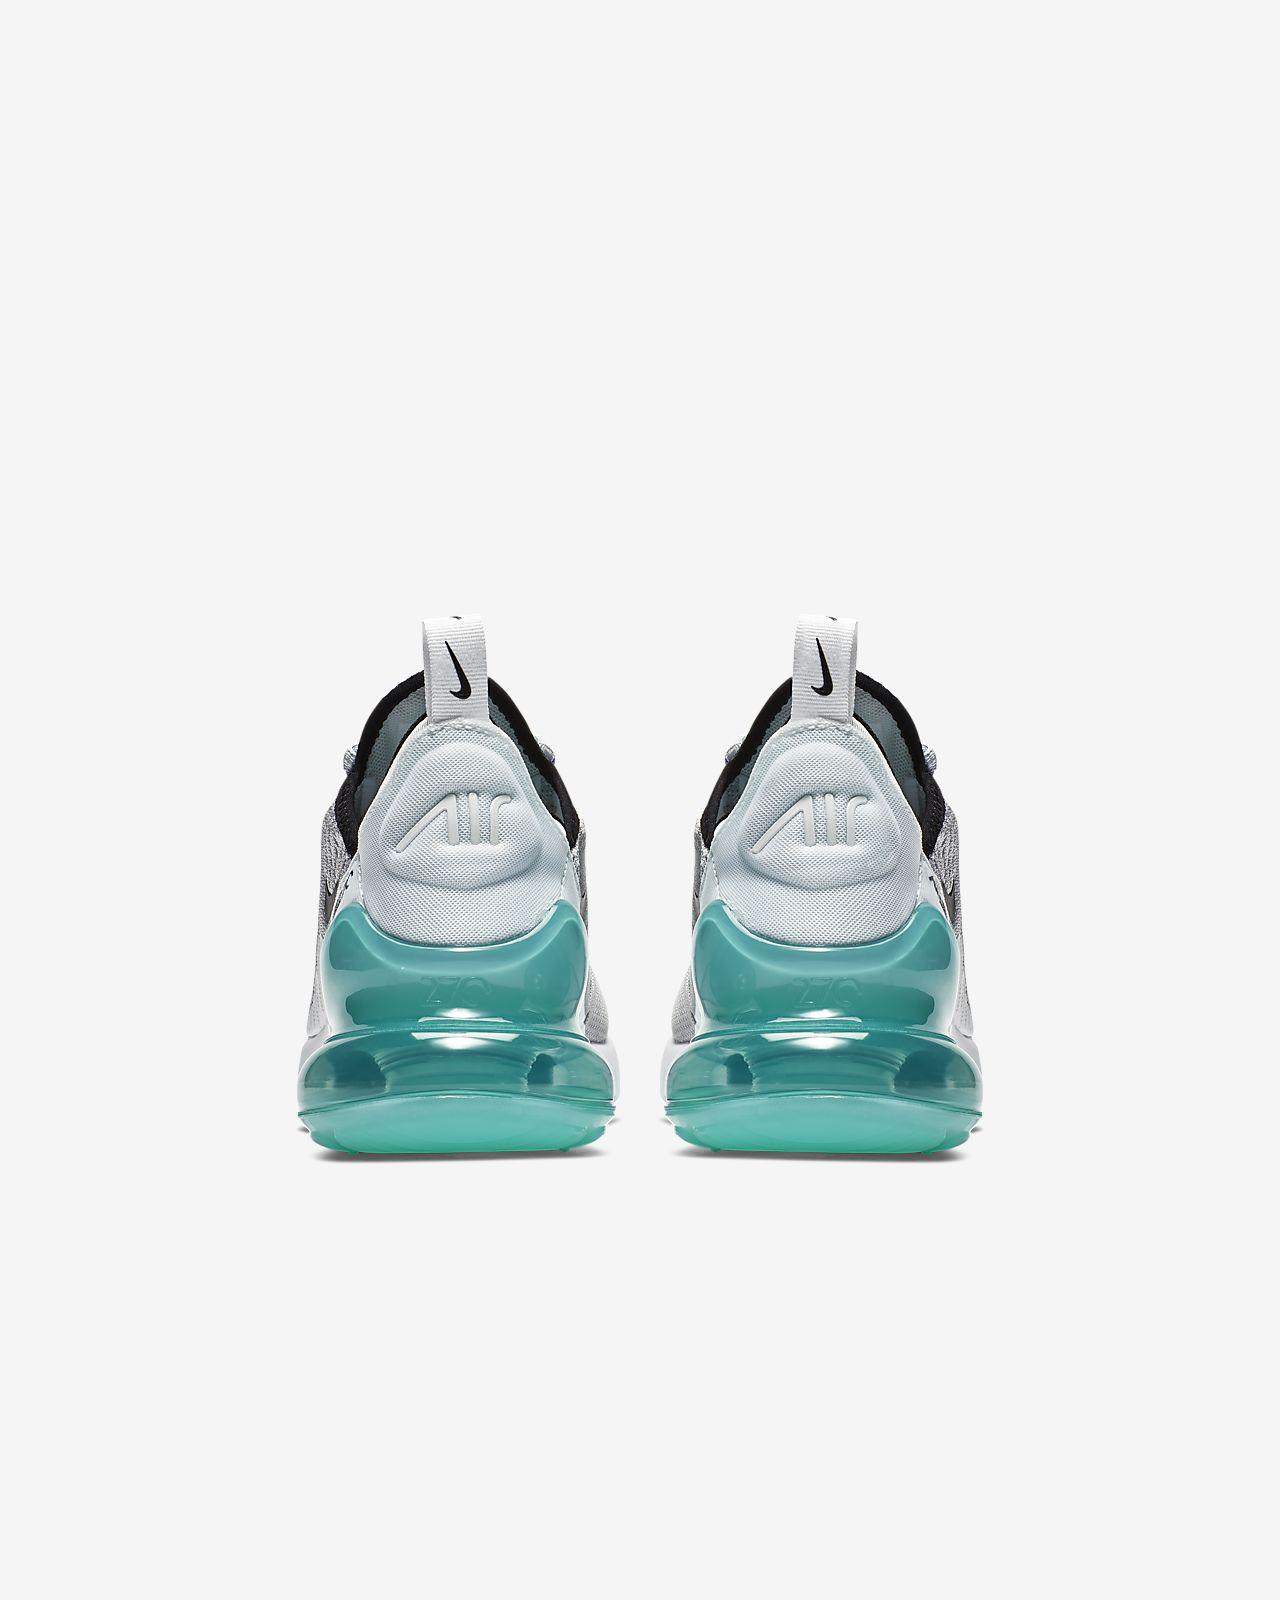 Détails sur Nike Air Max 270 Pure Platinum Hyper Jade Blanc Noir Enfants Garçons Fille Baskets afficher le titre d'origine